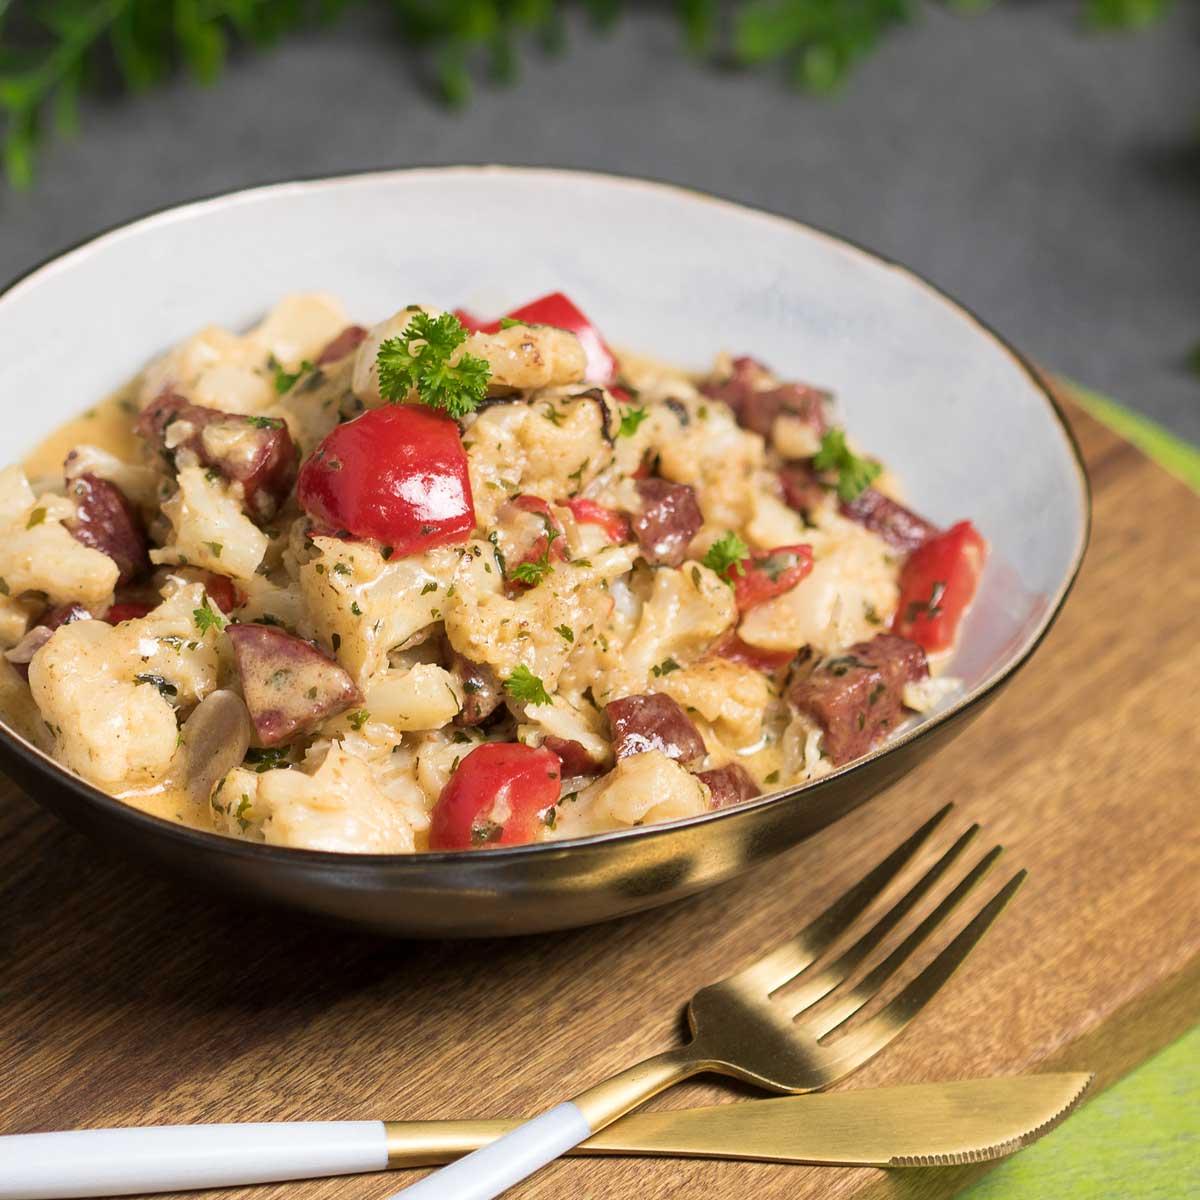 Der Cheesy Blumenkohl-Pott ist Low Carb und super lecker. Das Rezept ist einfach zu kochen und man benötigt nur einfache Zutaten.